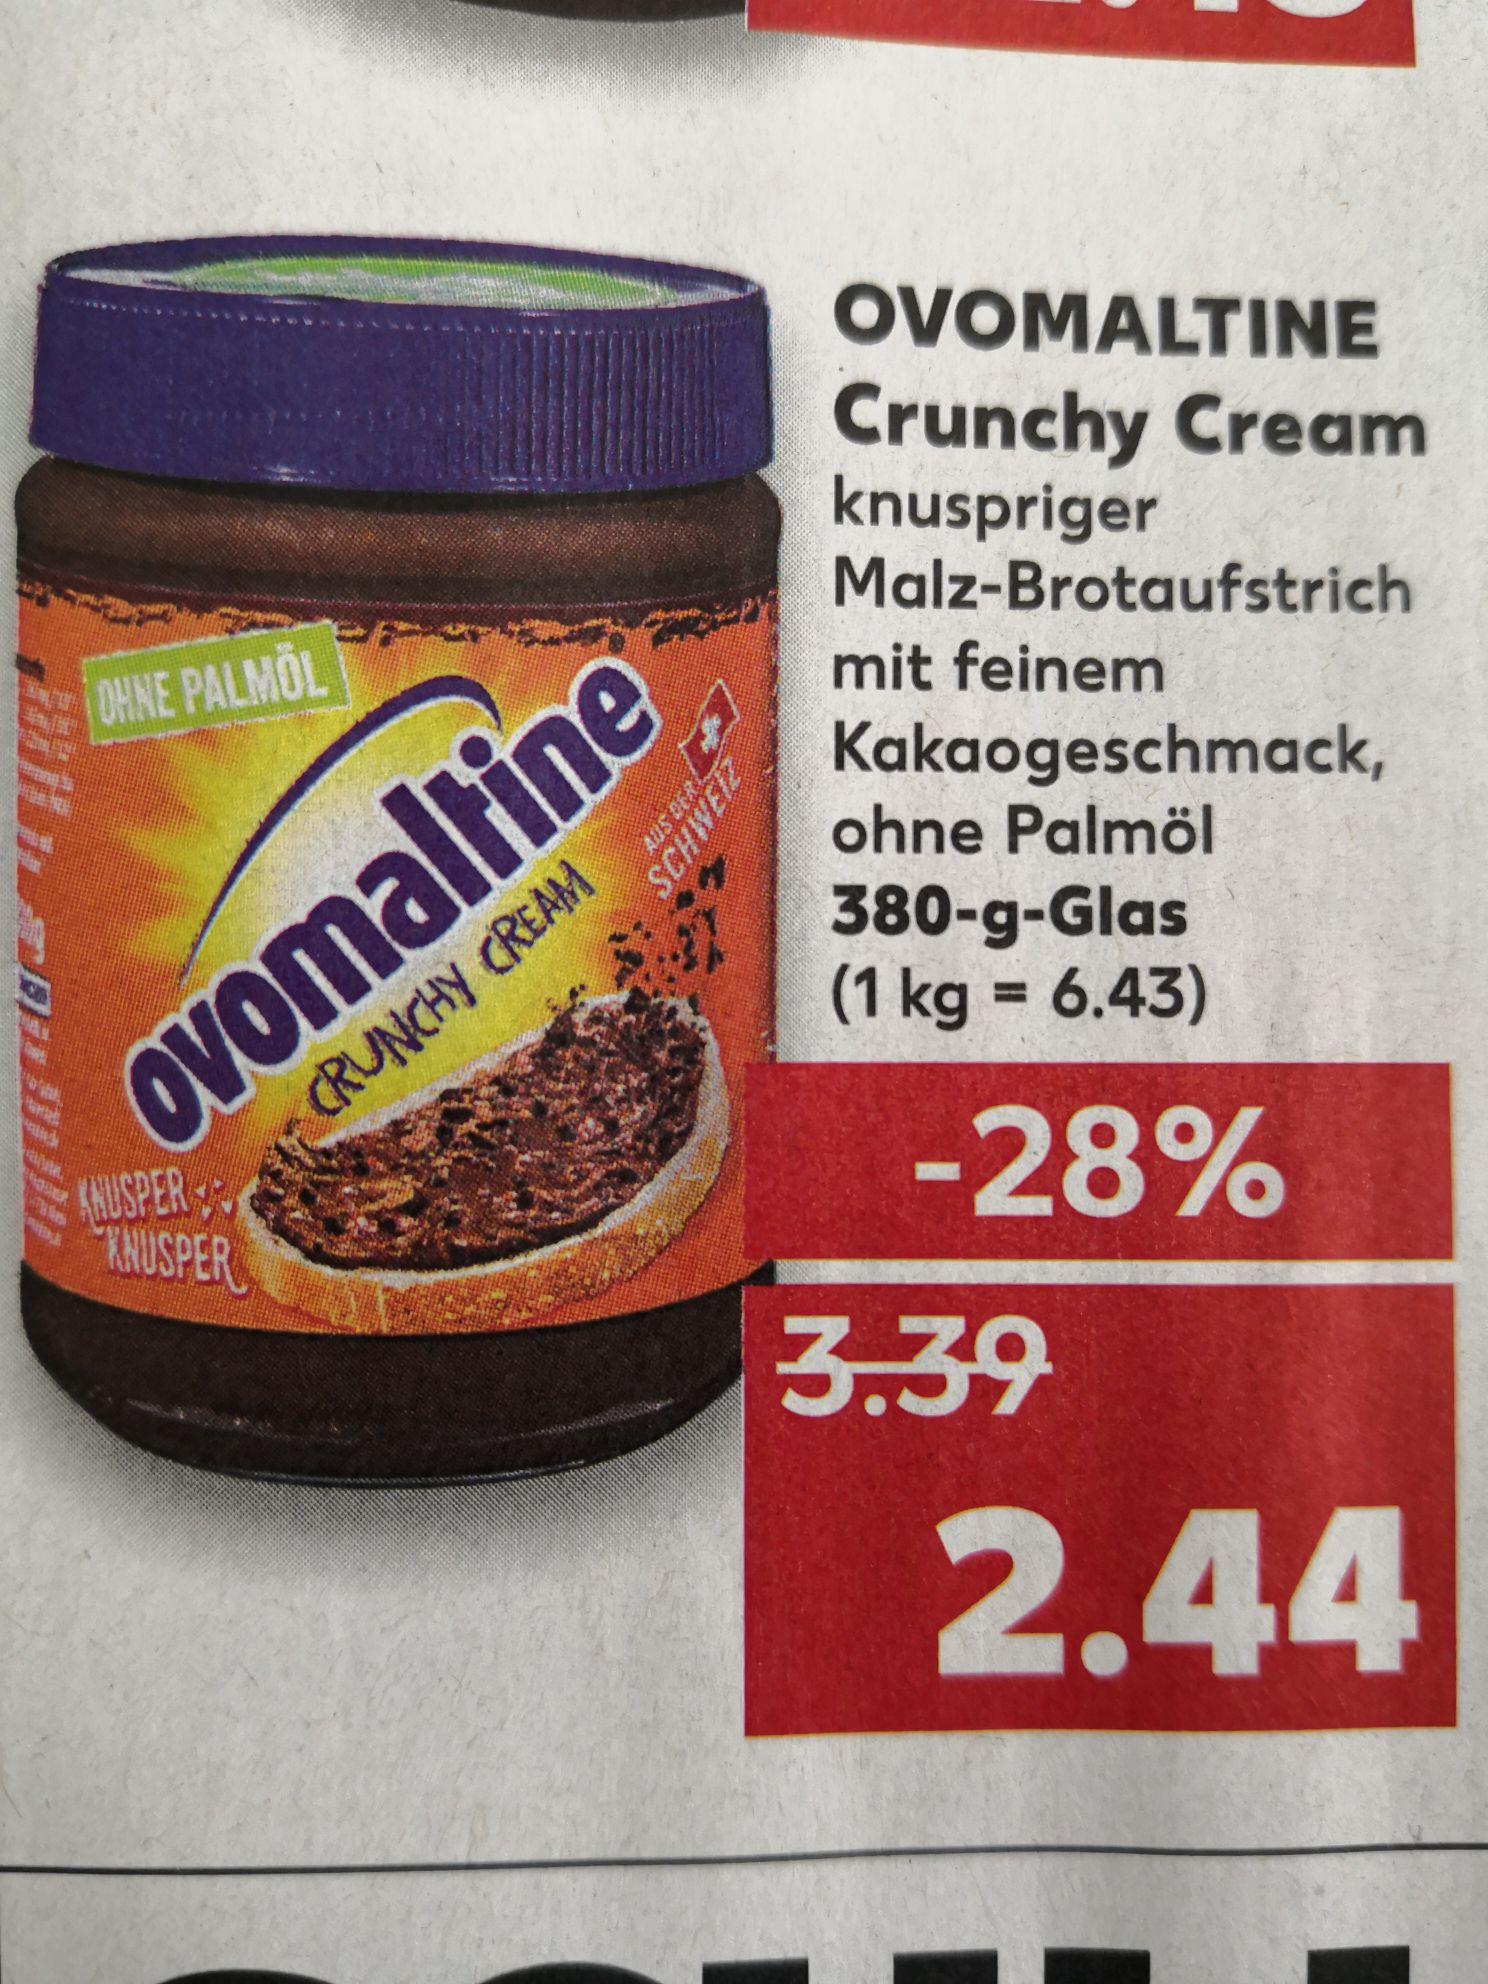 [Kaufland] Ovomaltine Crunchy Cream 380g Brotaufstrich ohne Palmöl 2,44€ (kein Coupon)